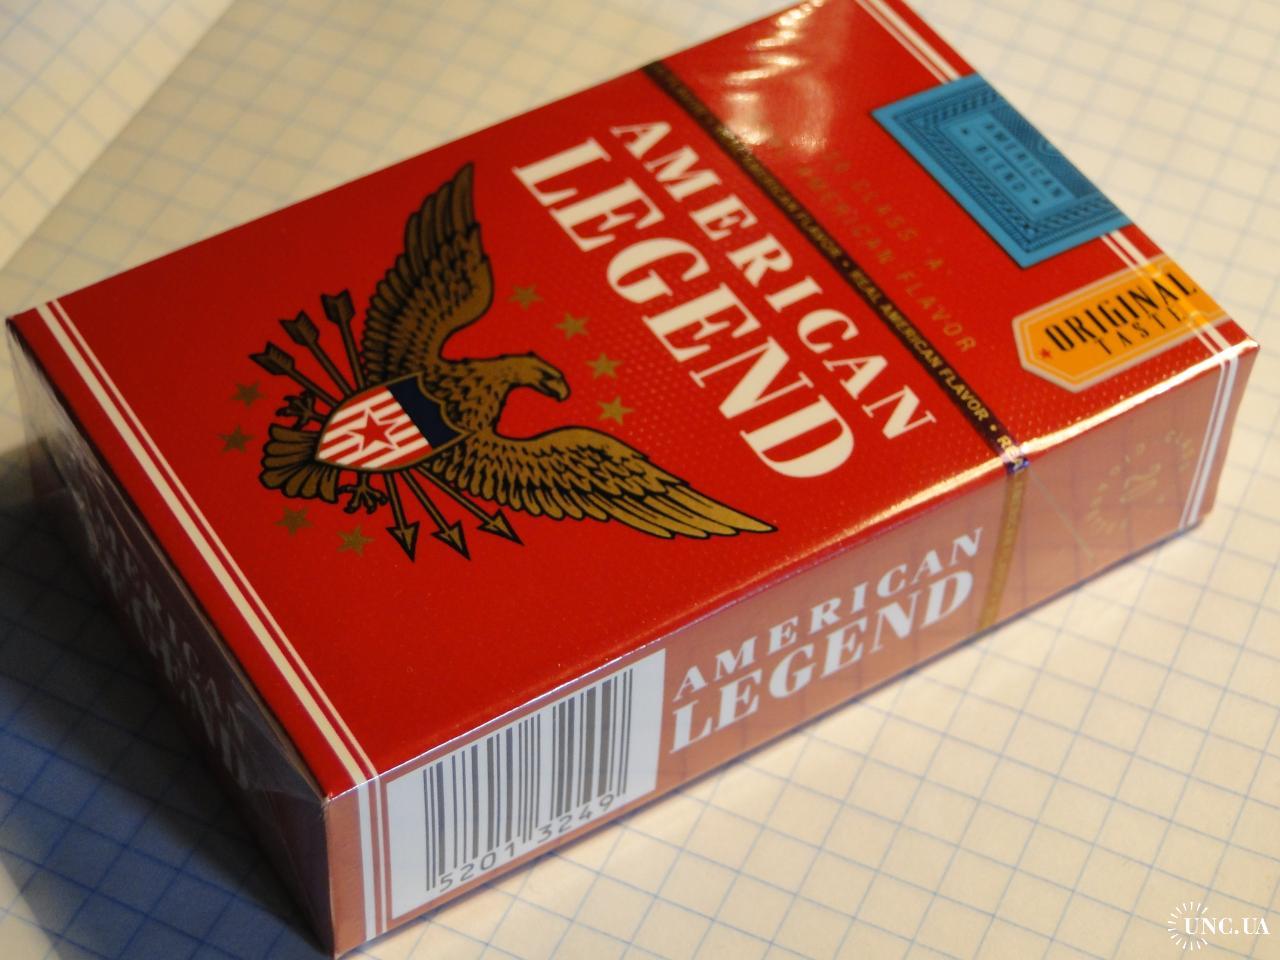 Купить сигареты американ легенд табак в развес купить оптом